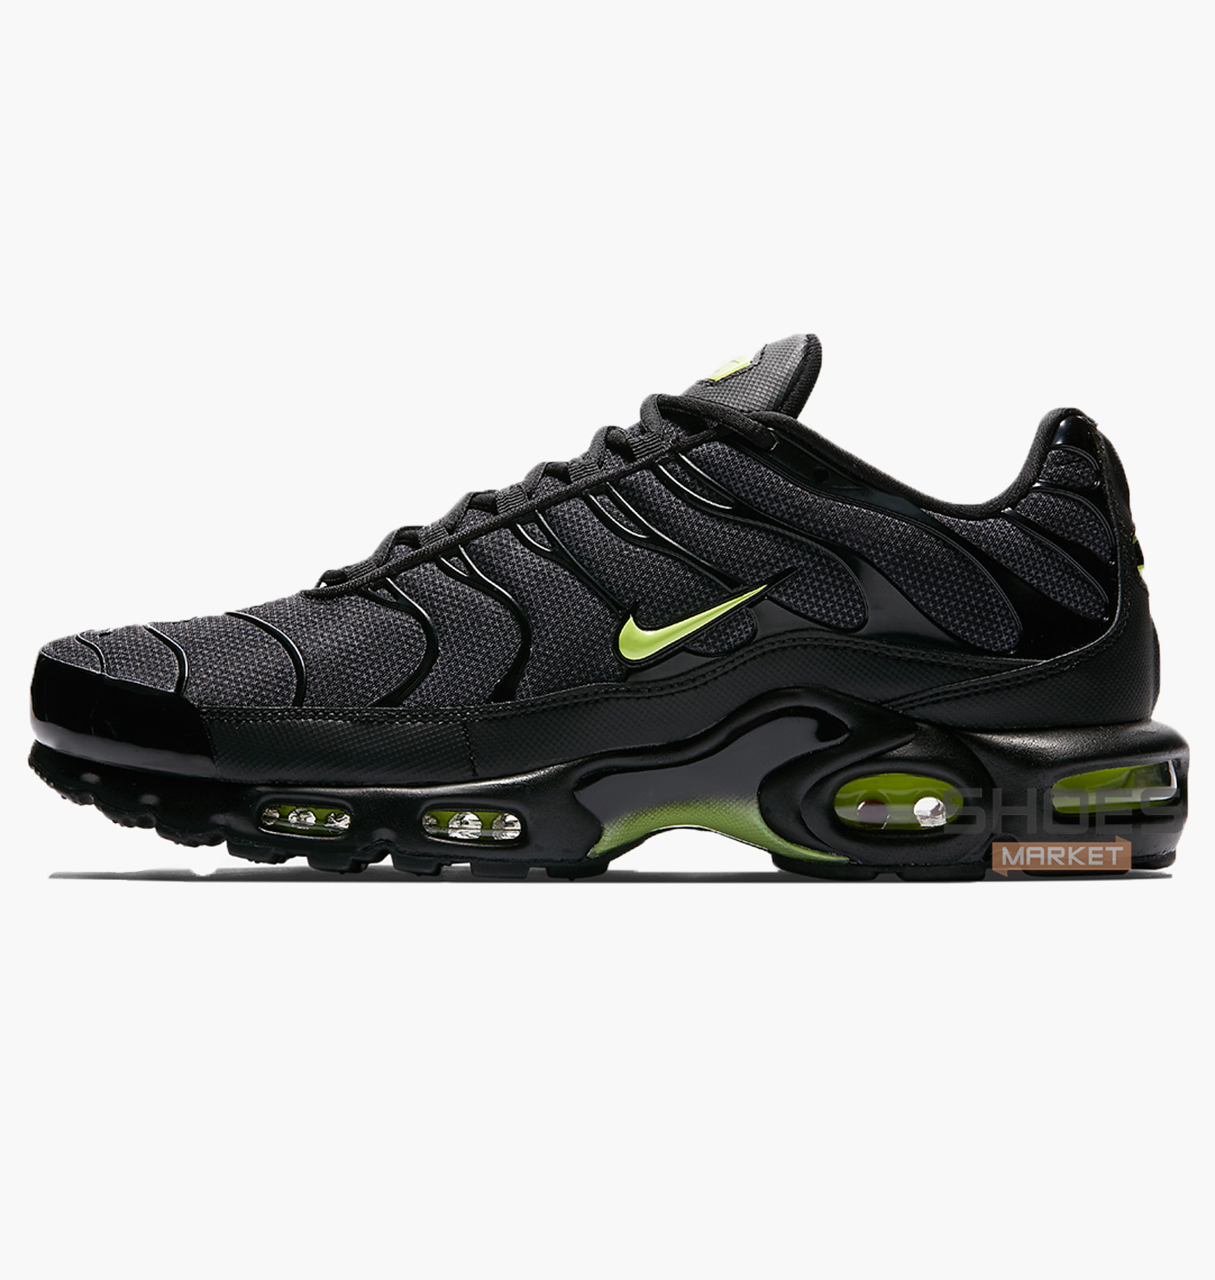 Мужские кроссовки Nike Air Max Plus SE Black AJ2013-001, оригинал